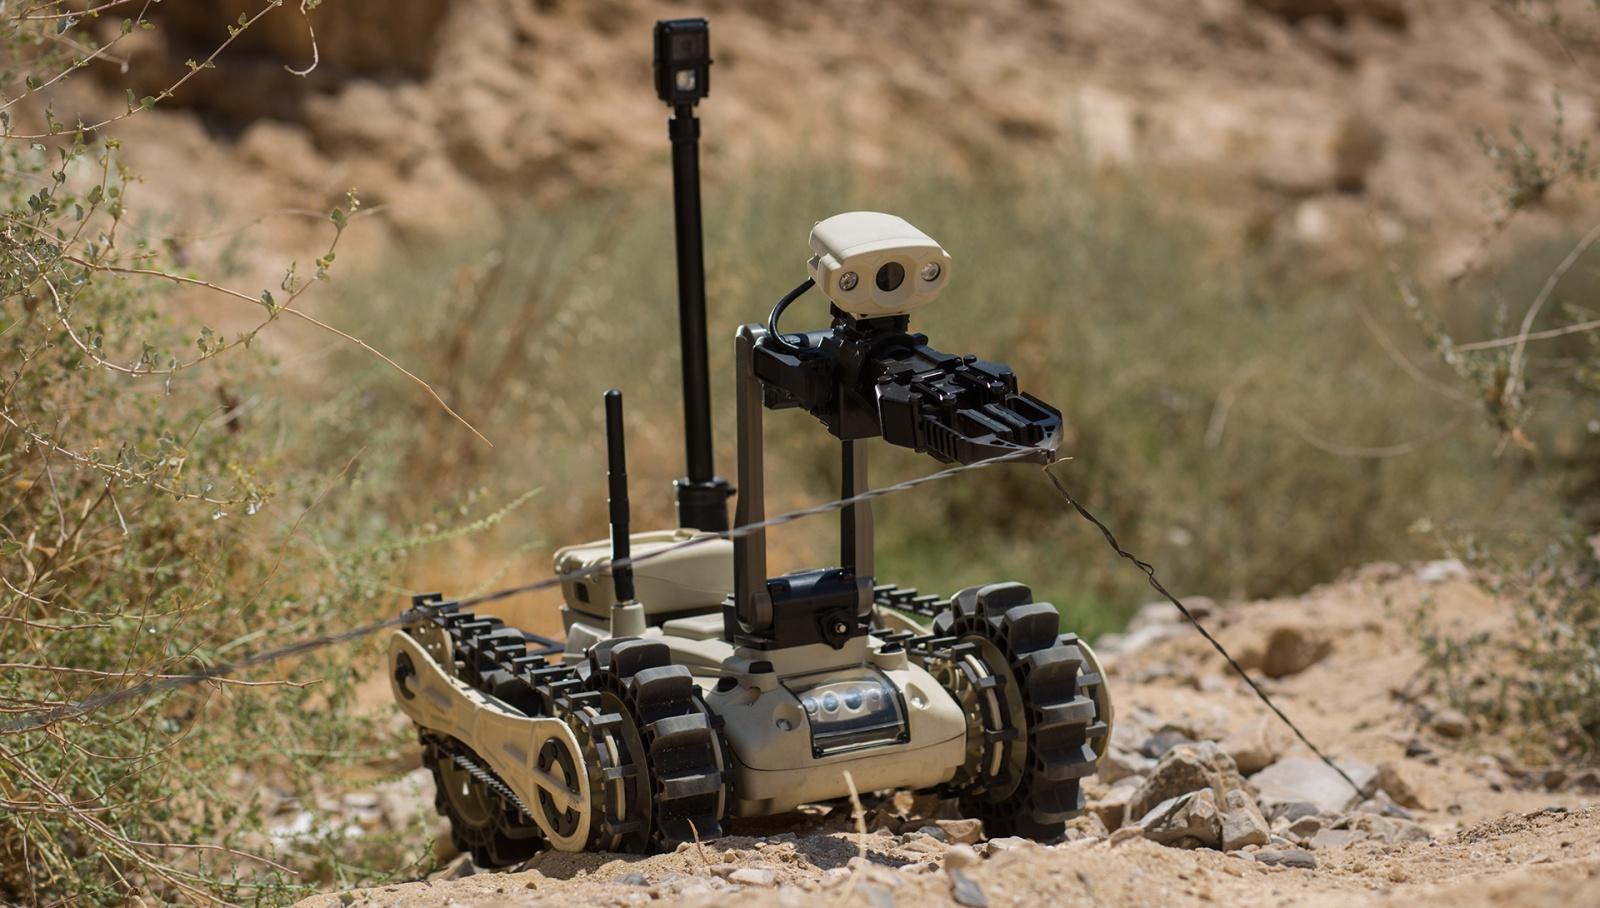 Военные роботы и их разработчики. Часть 2 - 1